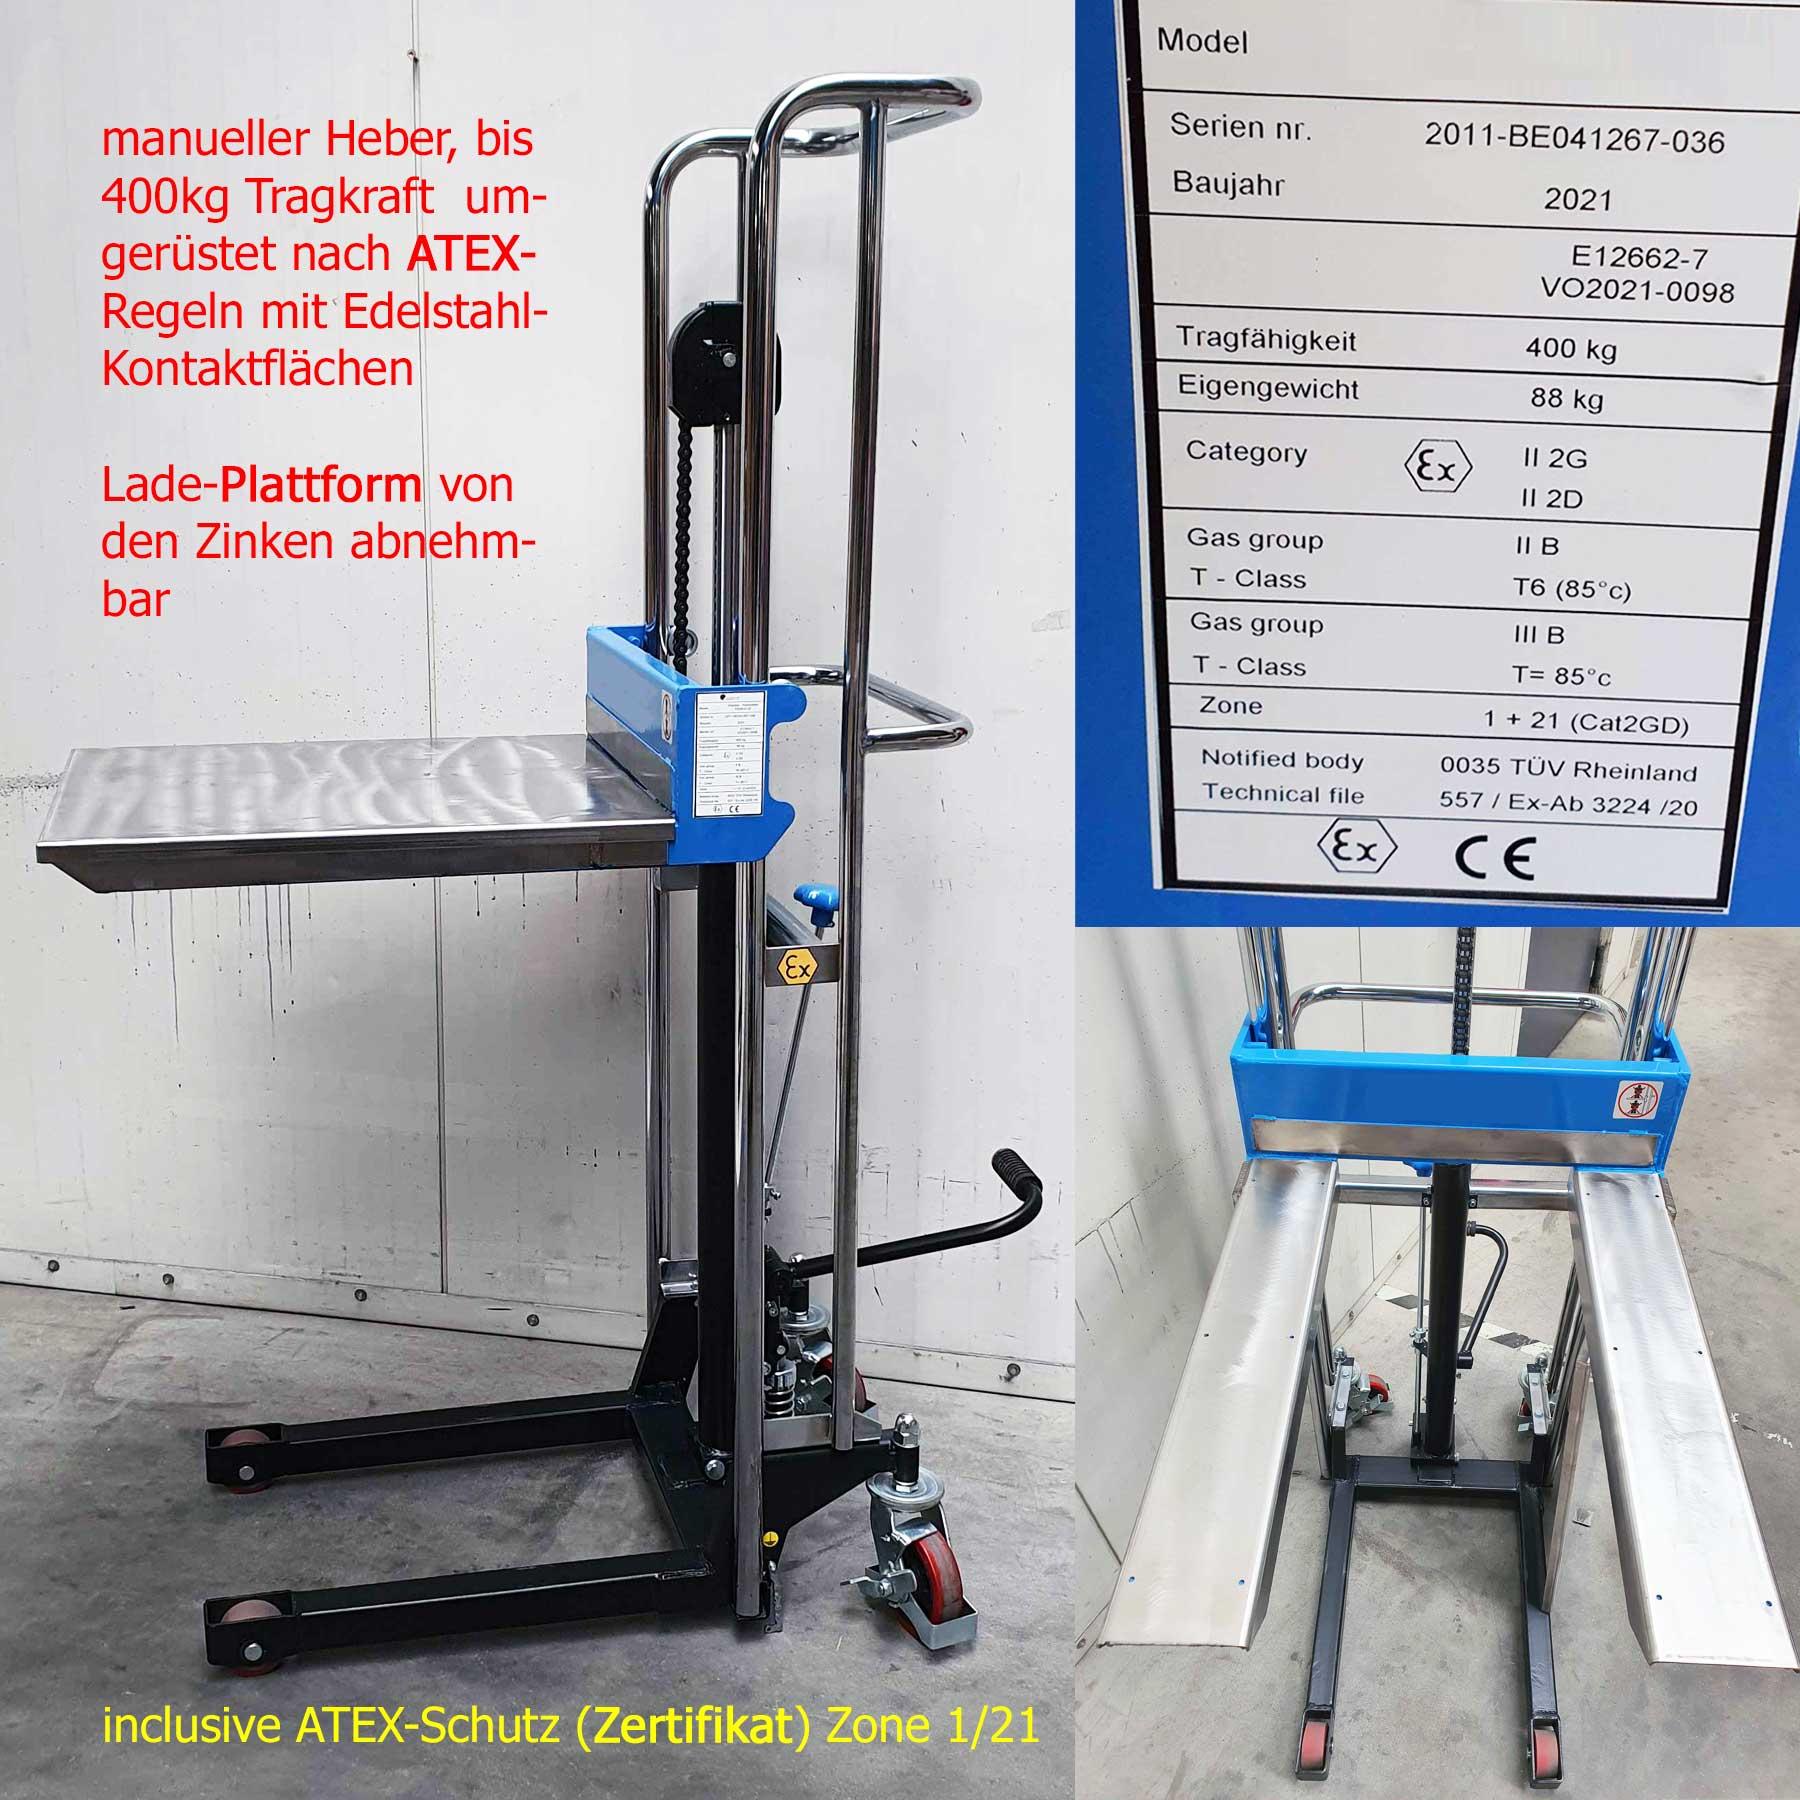 Minilifter in ATEX-Ausführung, 400 kg; zum Einsatz in der EX-Zone sind die Gabelzinken und die abnehmbare Ladefläche mit Edelstahl belegt, Lieferung incl. Zertifikat!